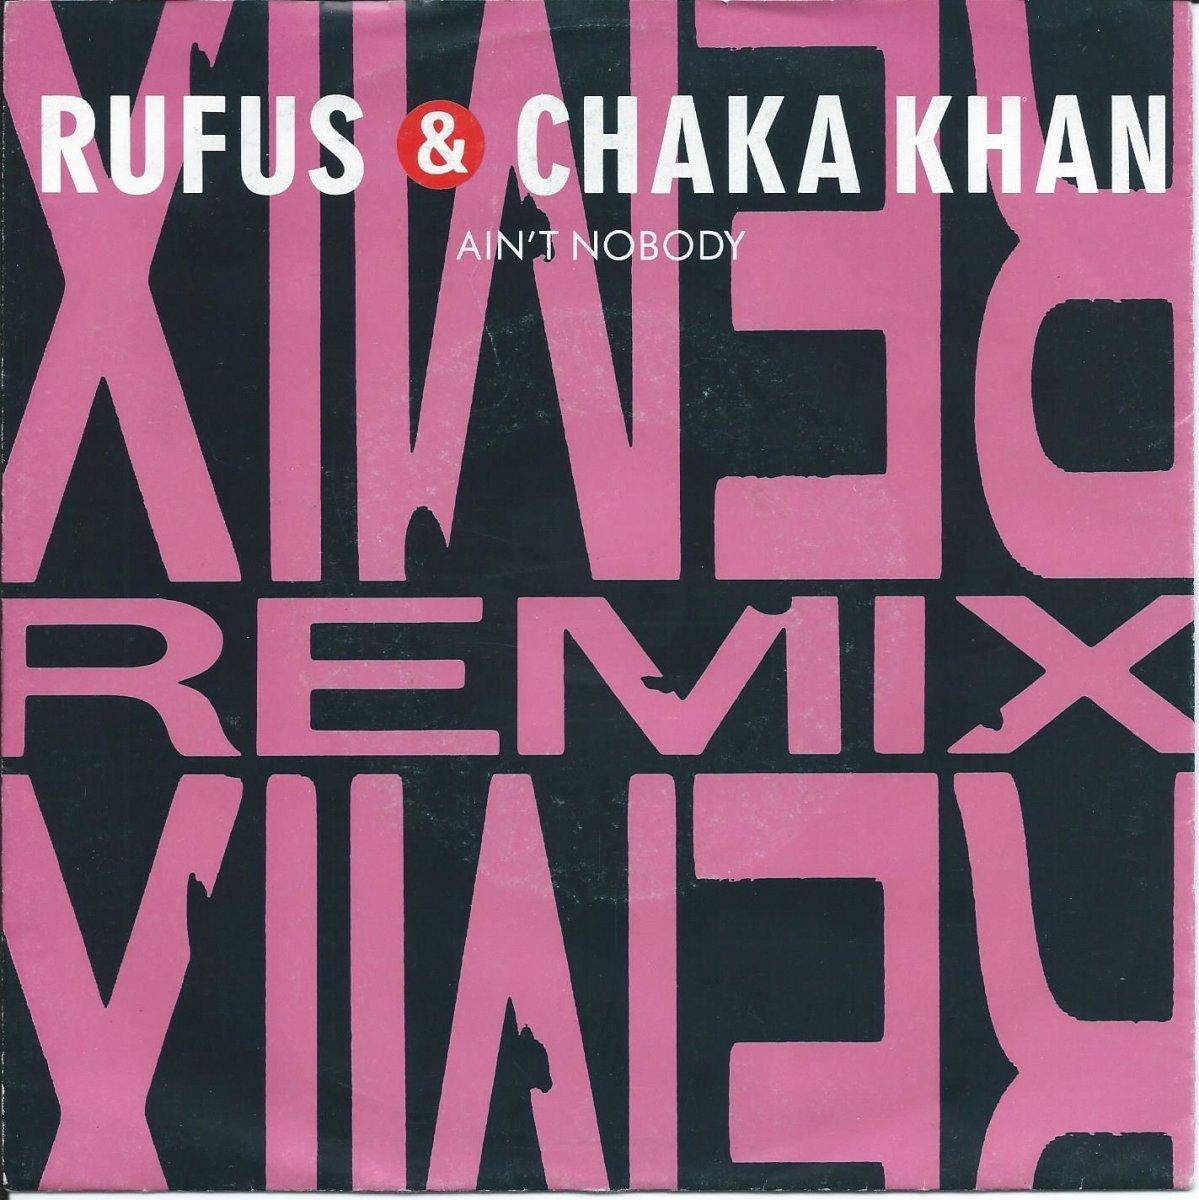 RUFUS & CHAKA KHAN / AIN'T NOBODY (REMIX) (7